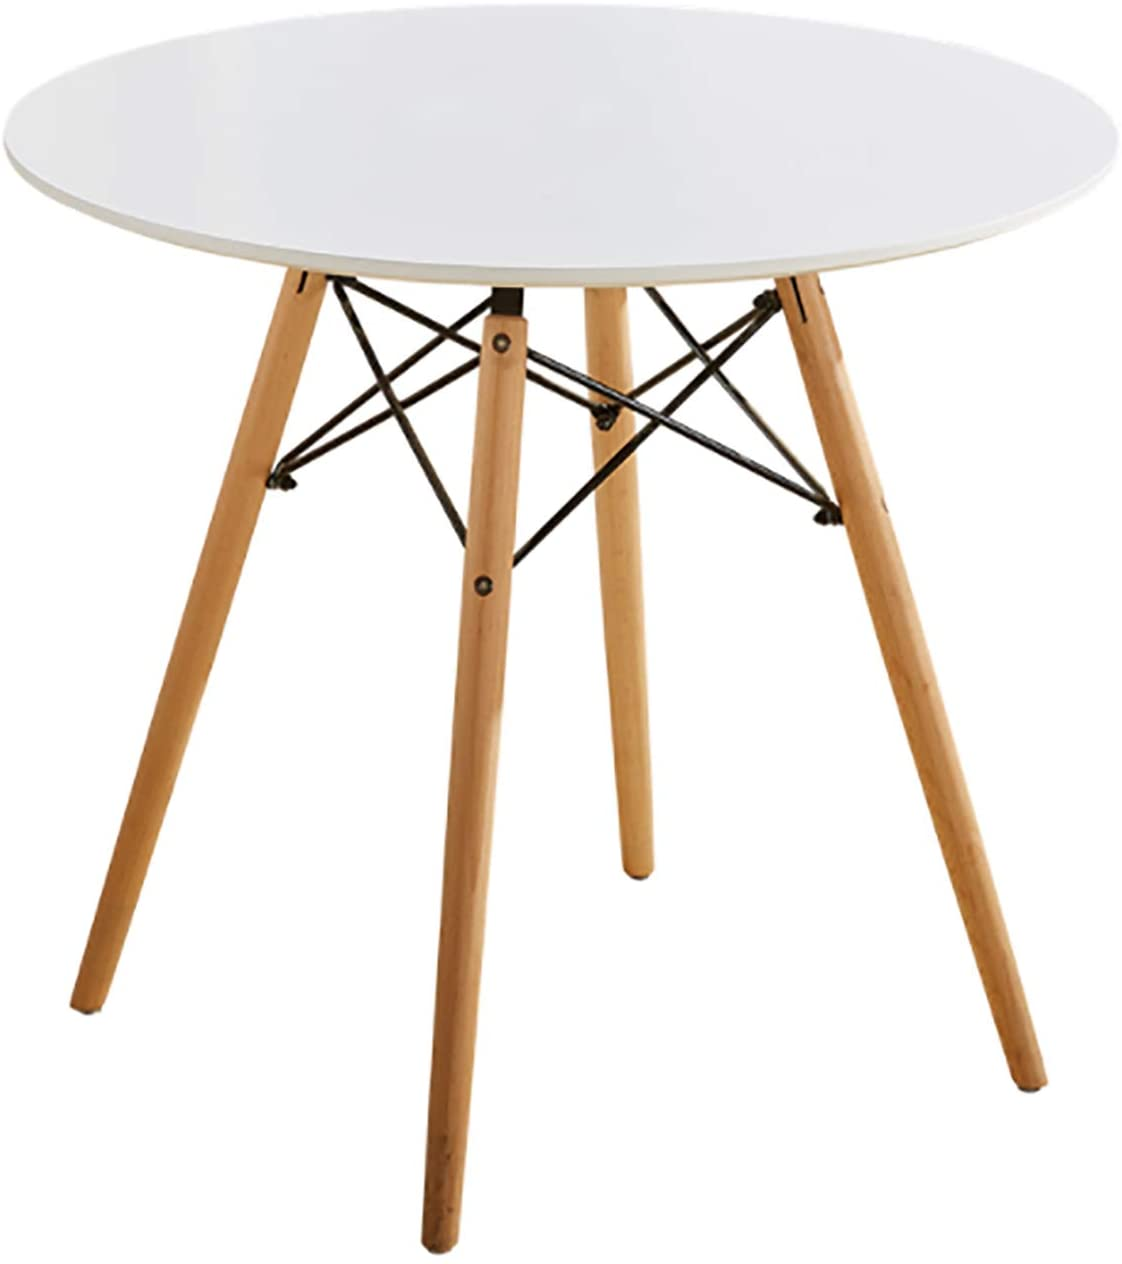 ELLEXIR Mesa de Comedor Redonda Mesa de diseño Eiffel 100 cm Ocio Moderno Mesas de té de Madera con Patas de Madera de Haya para Sala de Estar Sala de Descanso Oficina (Blanco)